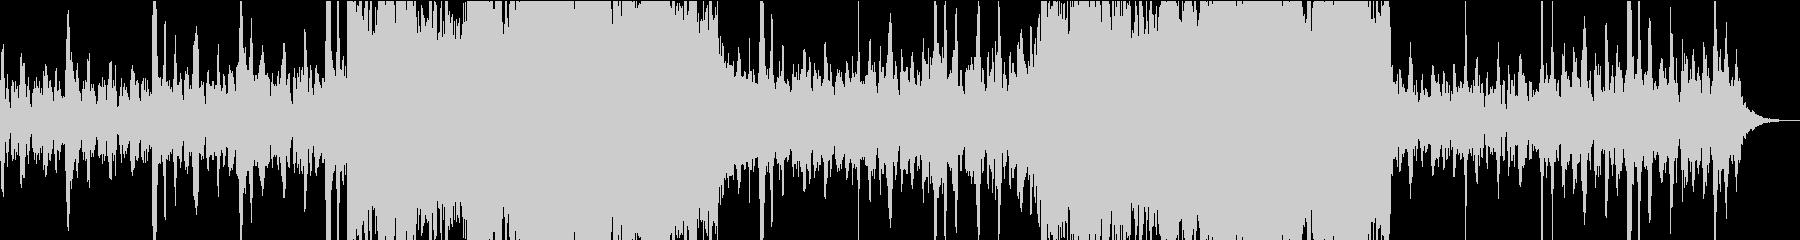 弦楽アンサンブル、ティンパニ、ホル...の未再生の波形